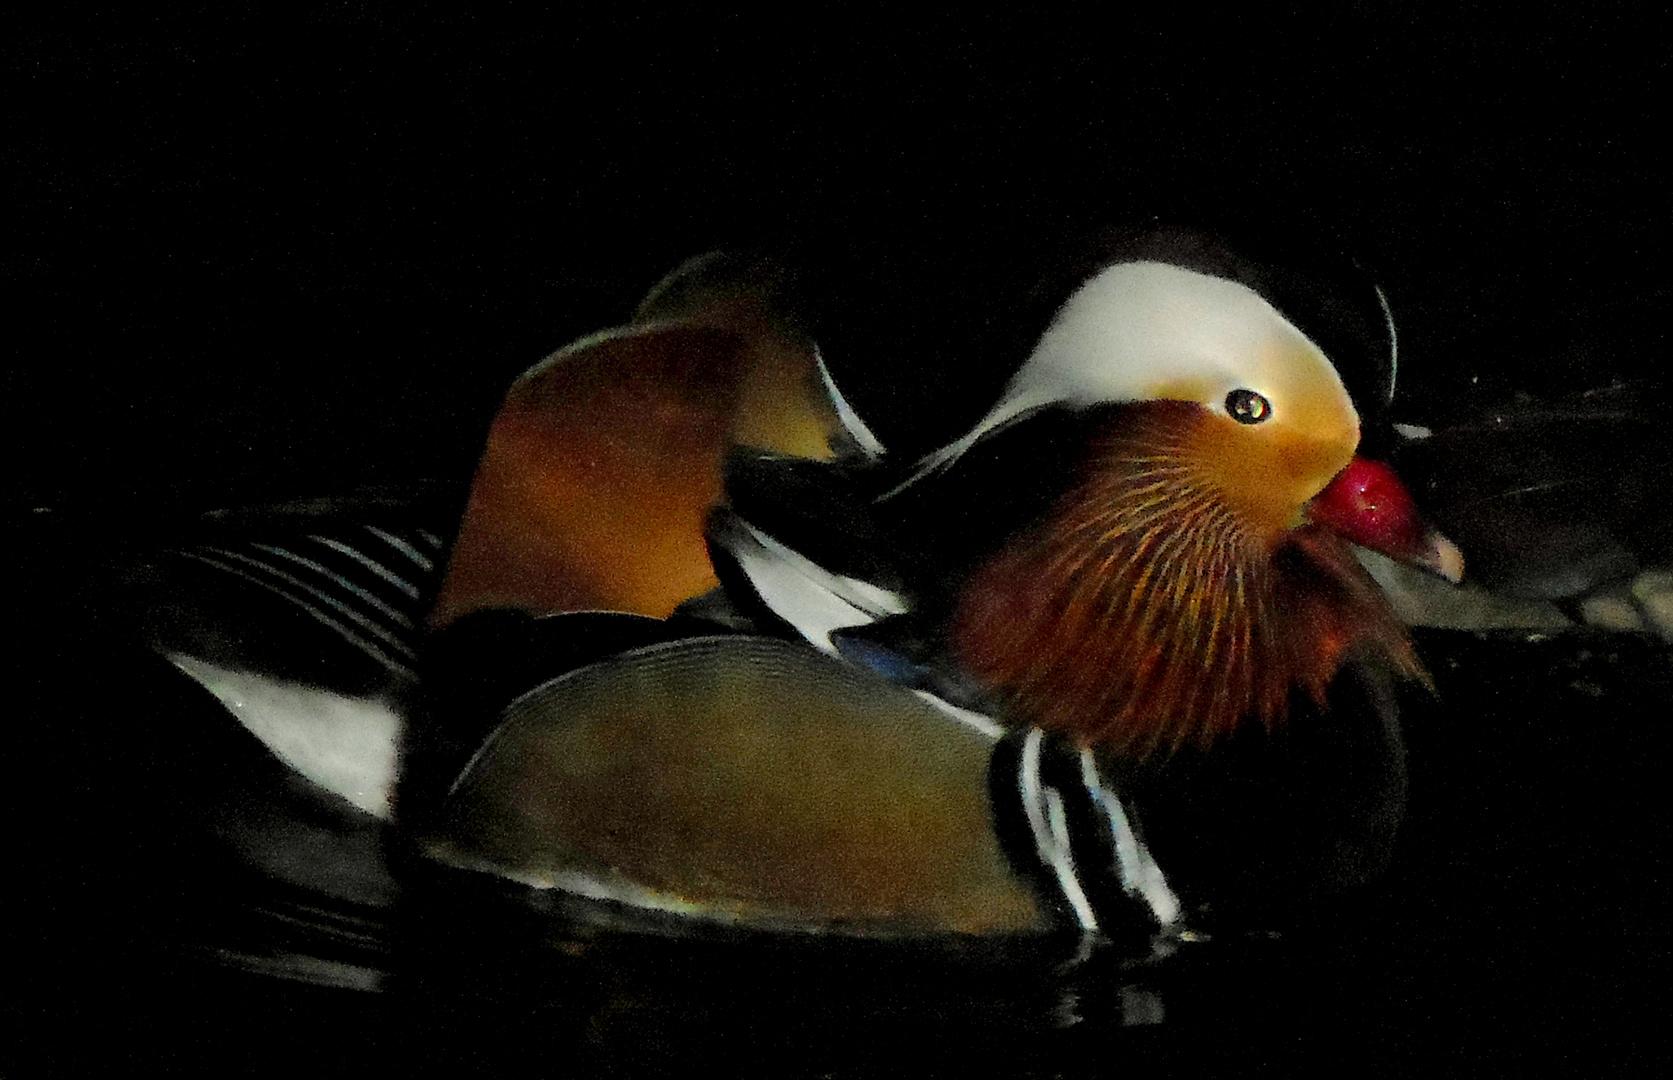 Wer kennt den Namen dieser Ente?